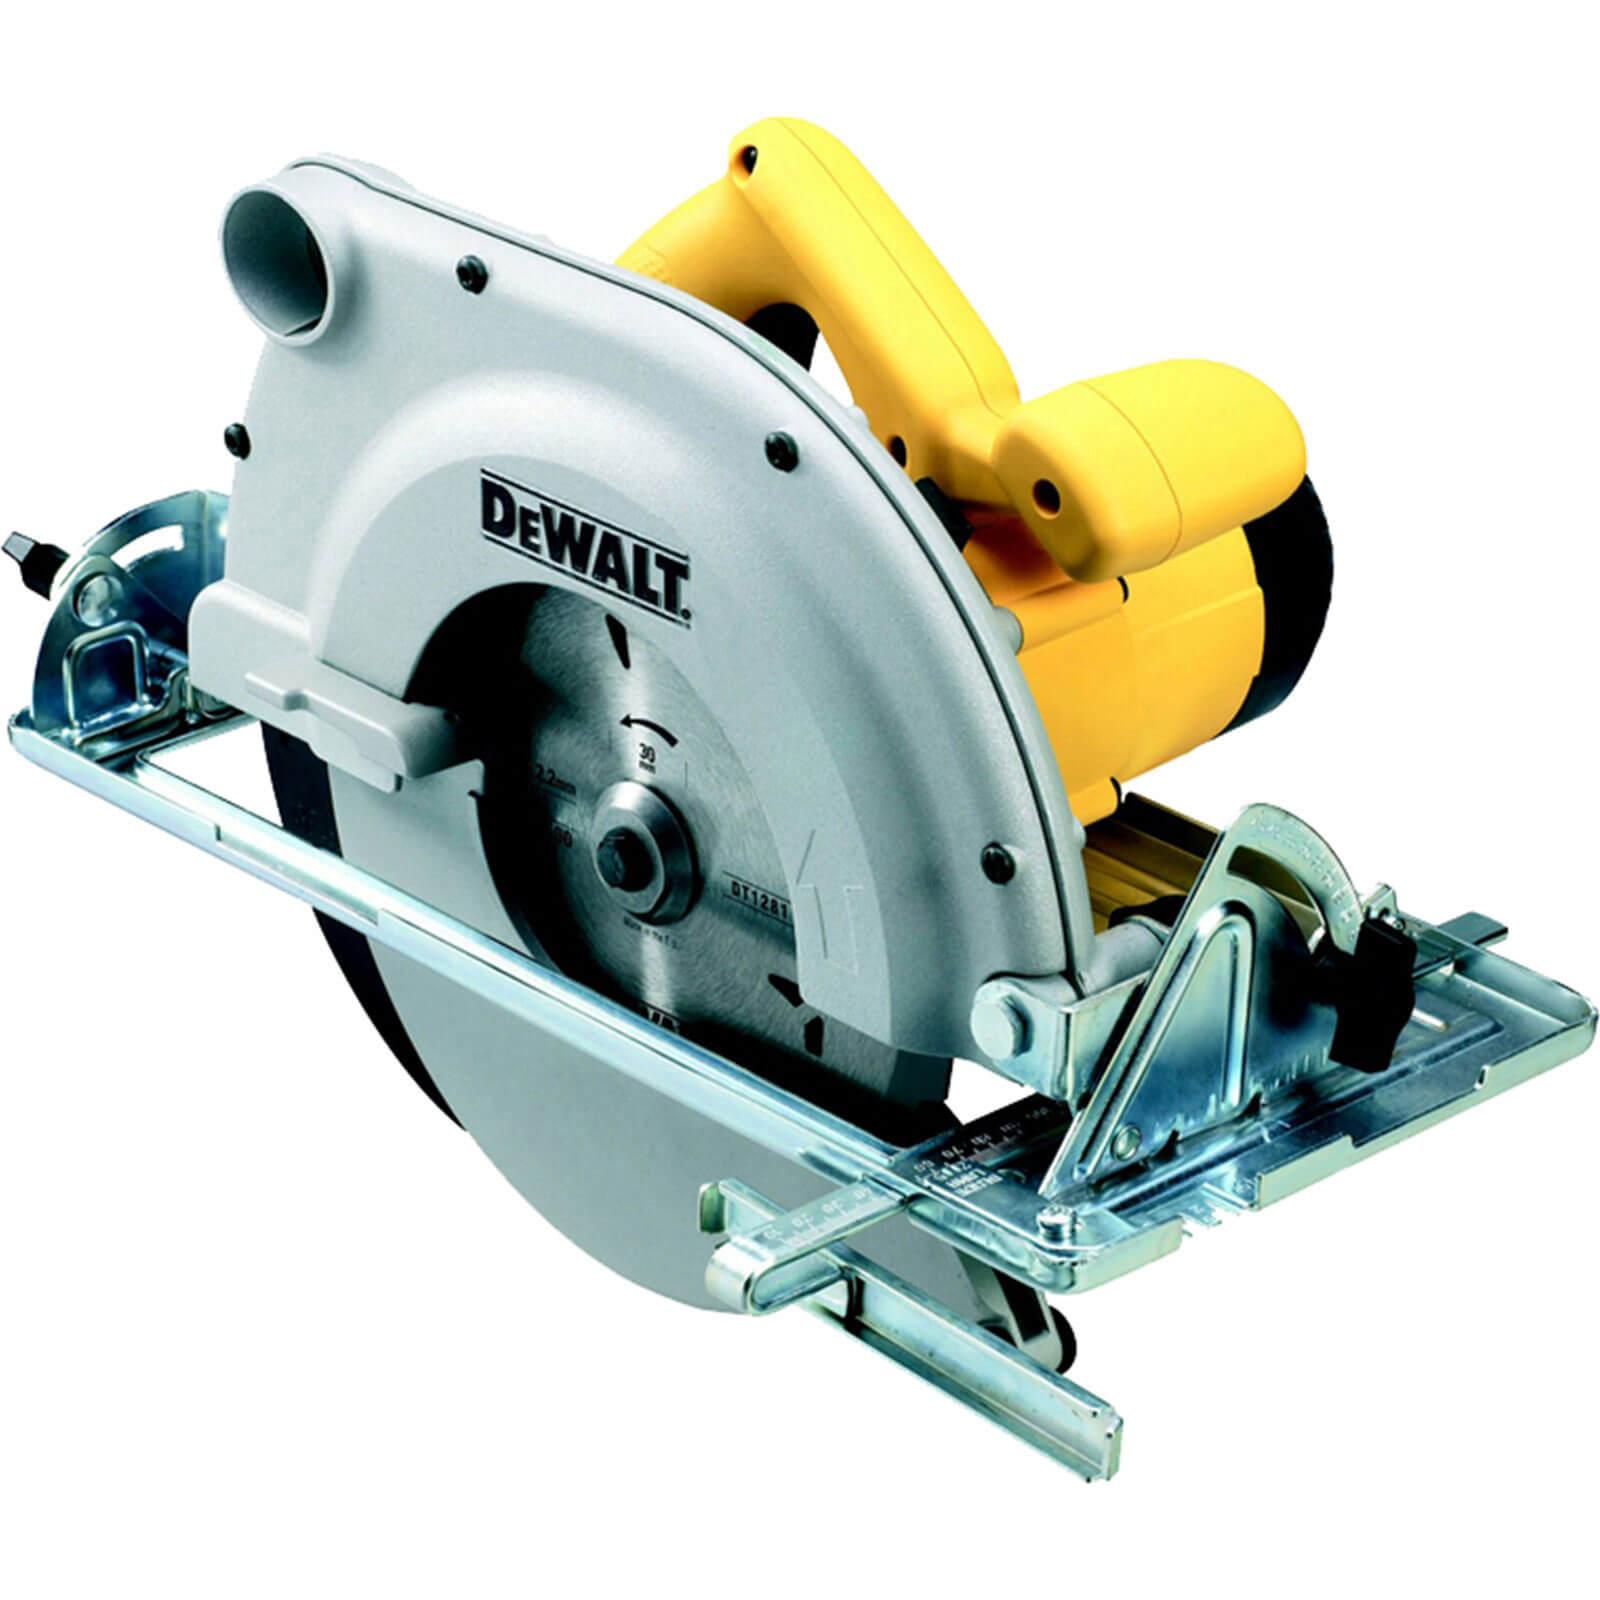 DeWalt D23700-GB 235MM 1750W Circular Saw 240V